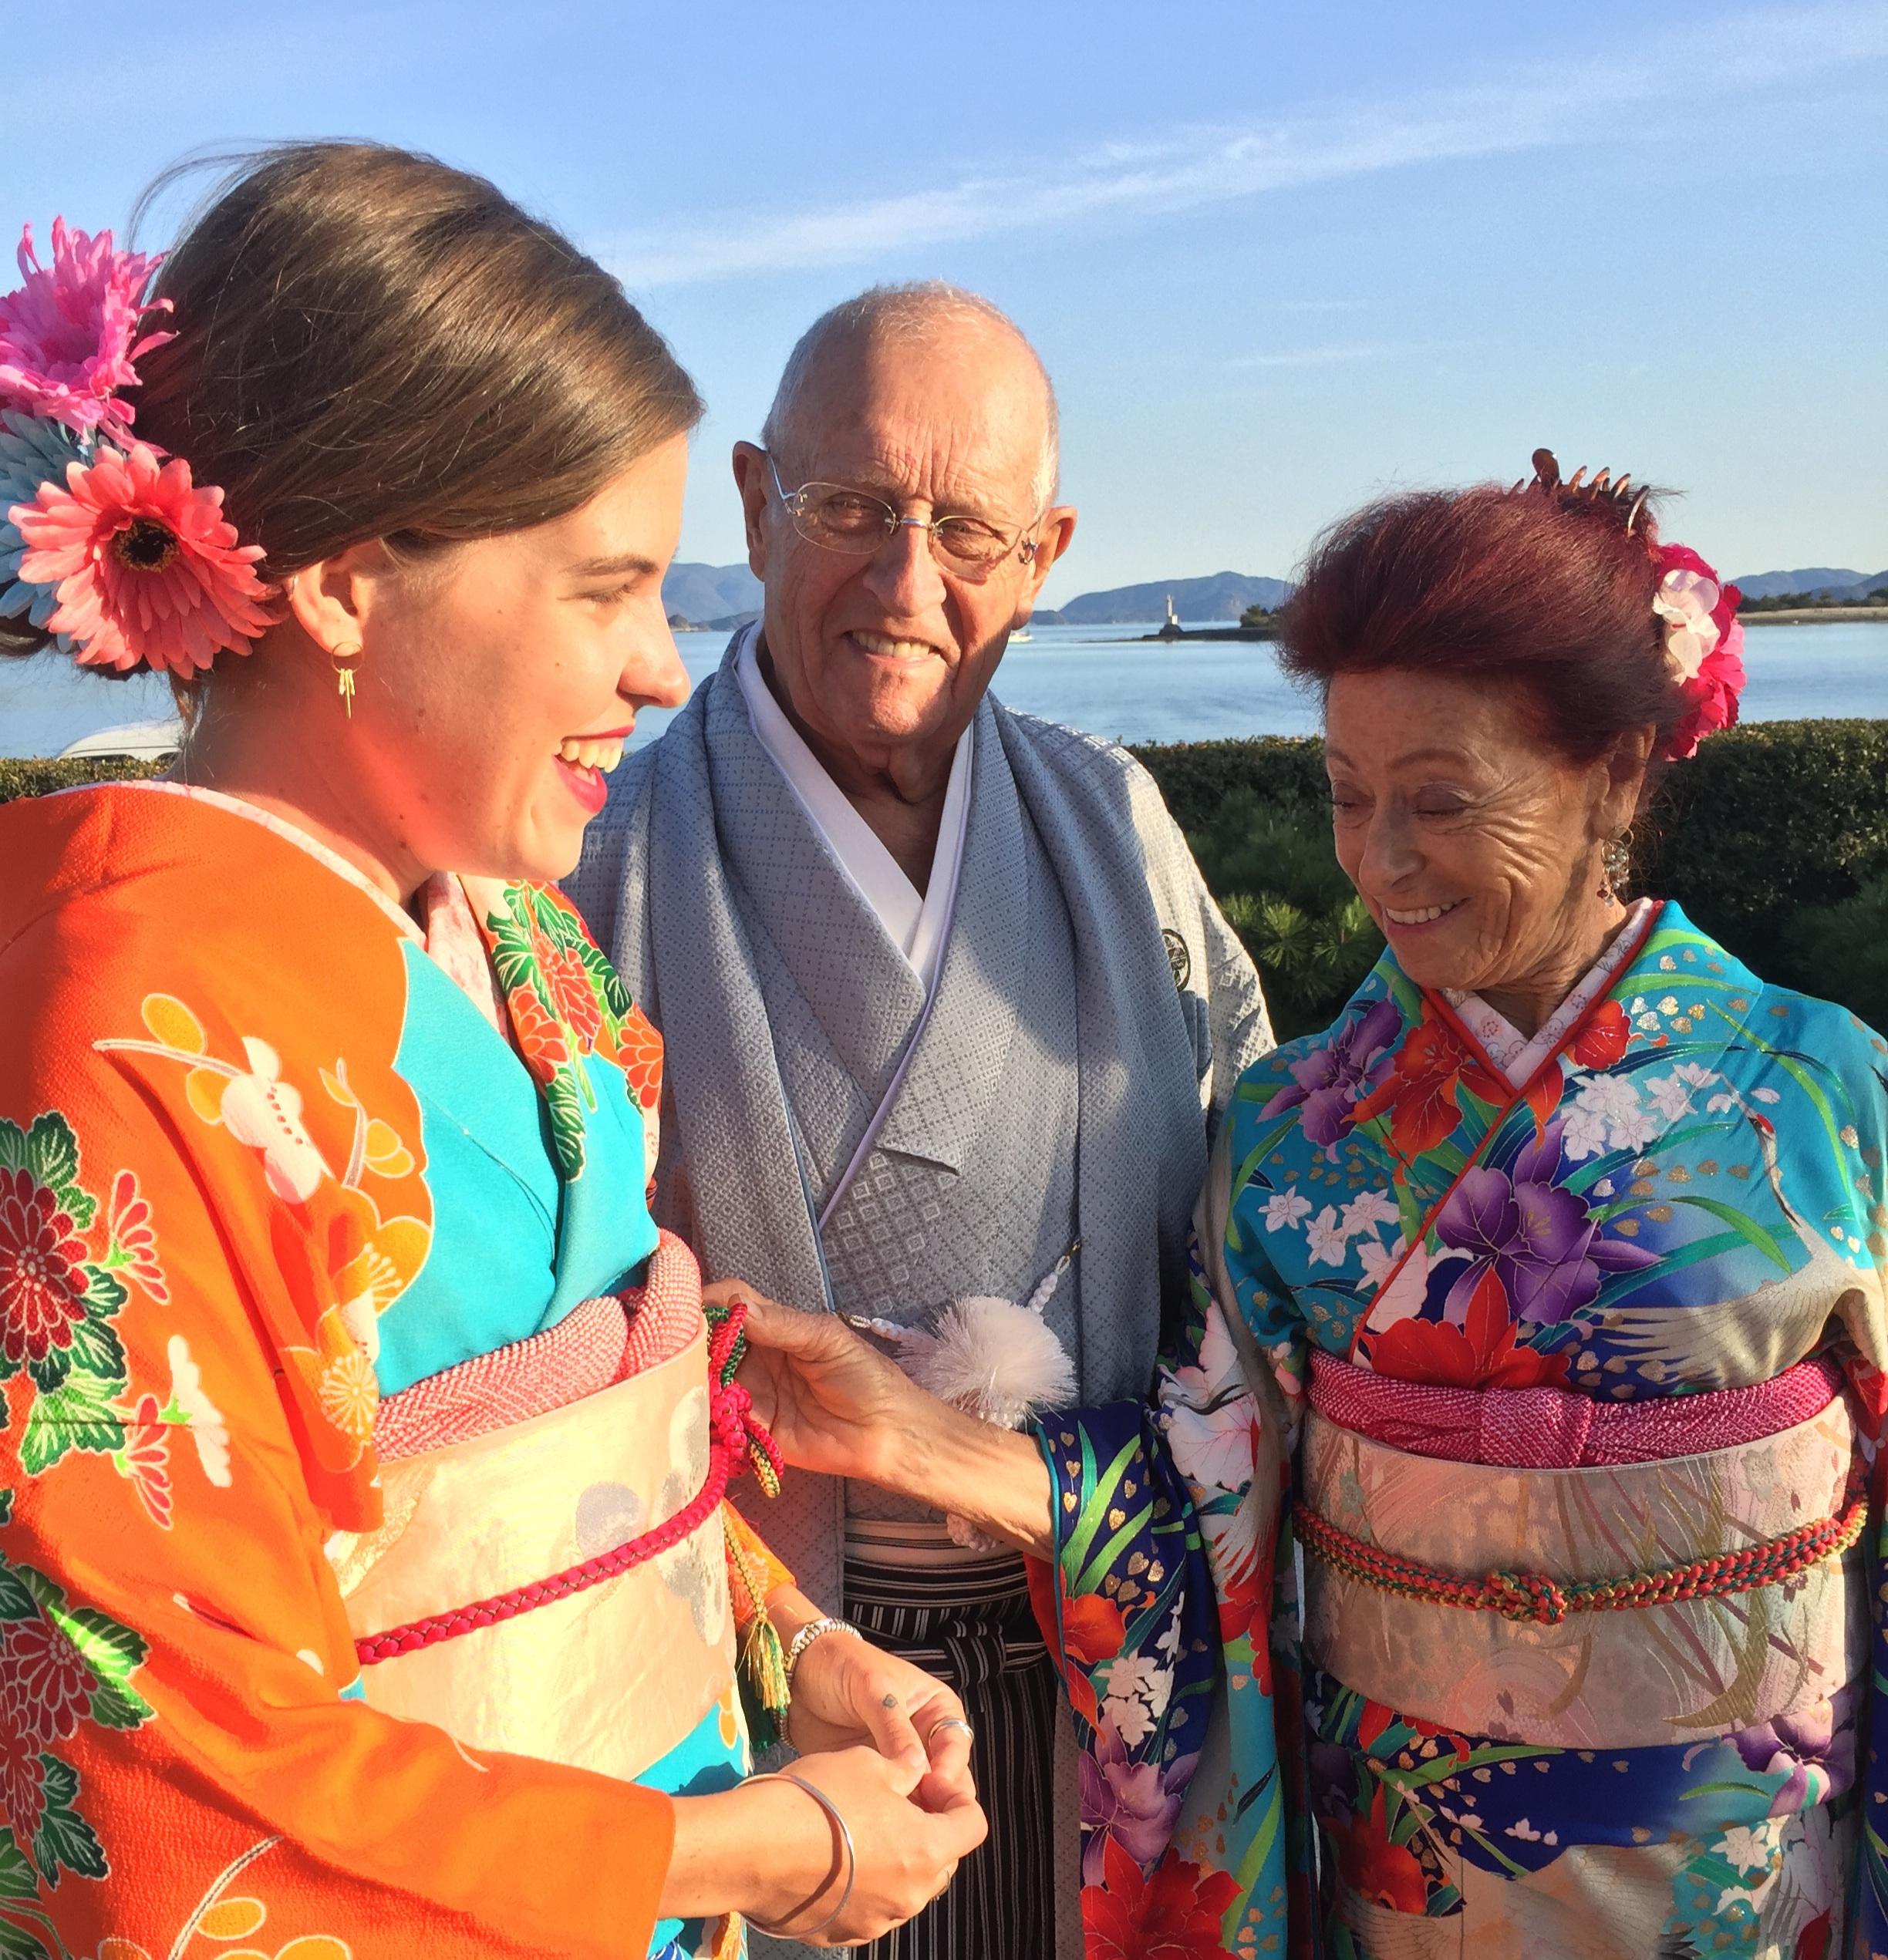 Tara-Lou (Designer) Jean (Entrepreneur) & Bernadette (Herbalist)